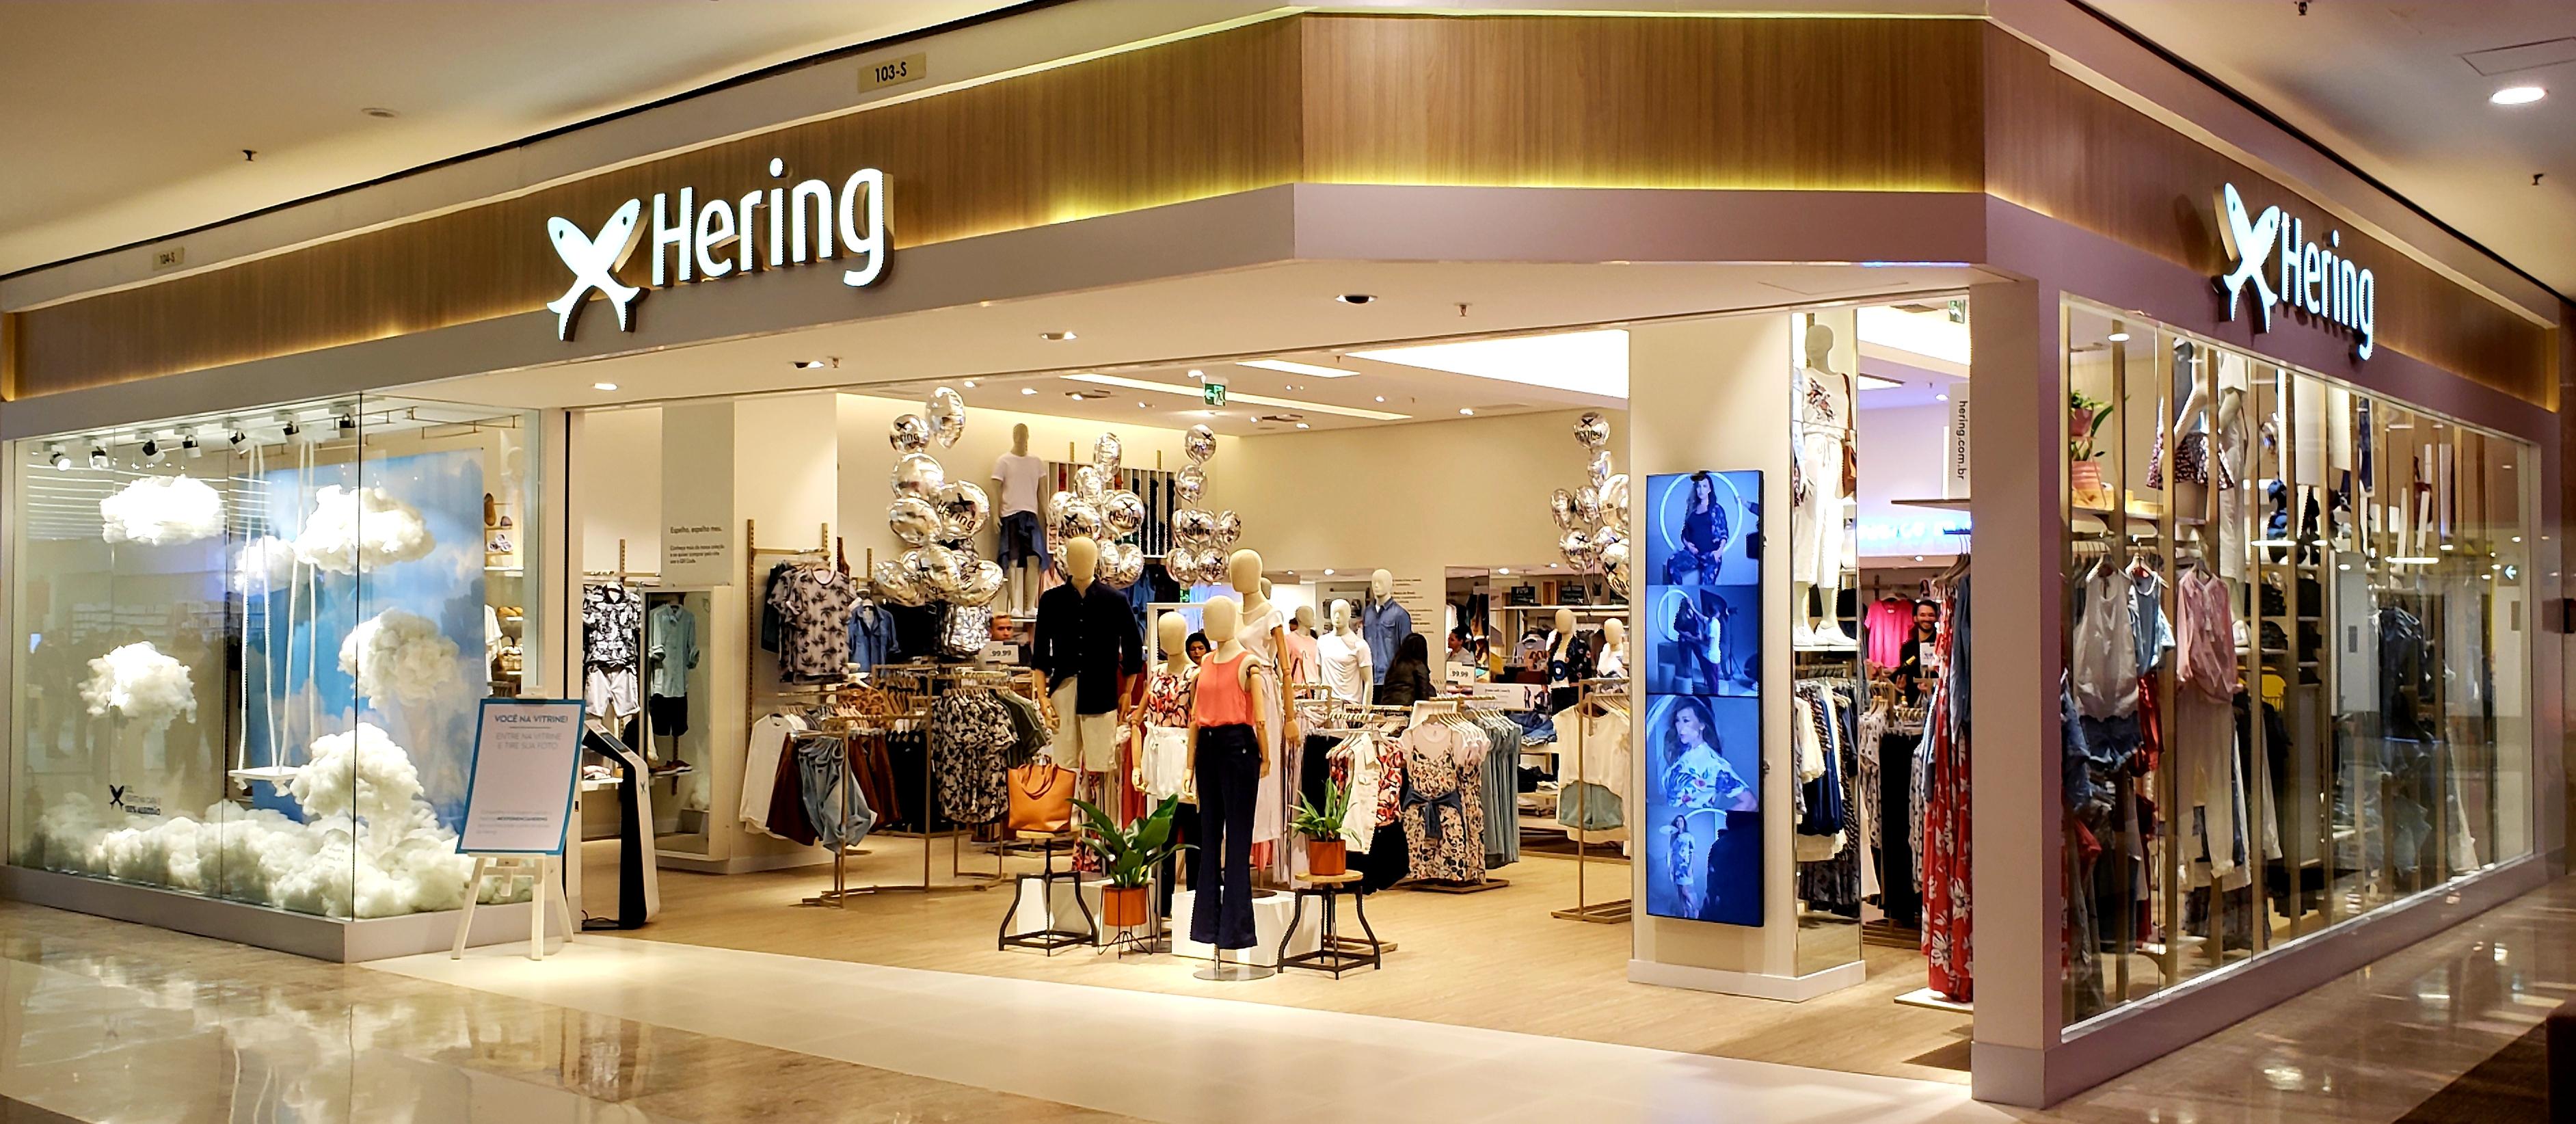 8fec6e1a6 Hering inaugura loja conceito no Shopping Morumbi, em São Paulo. Por.  Imprensa Mercado & Consumo